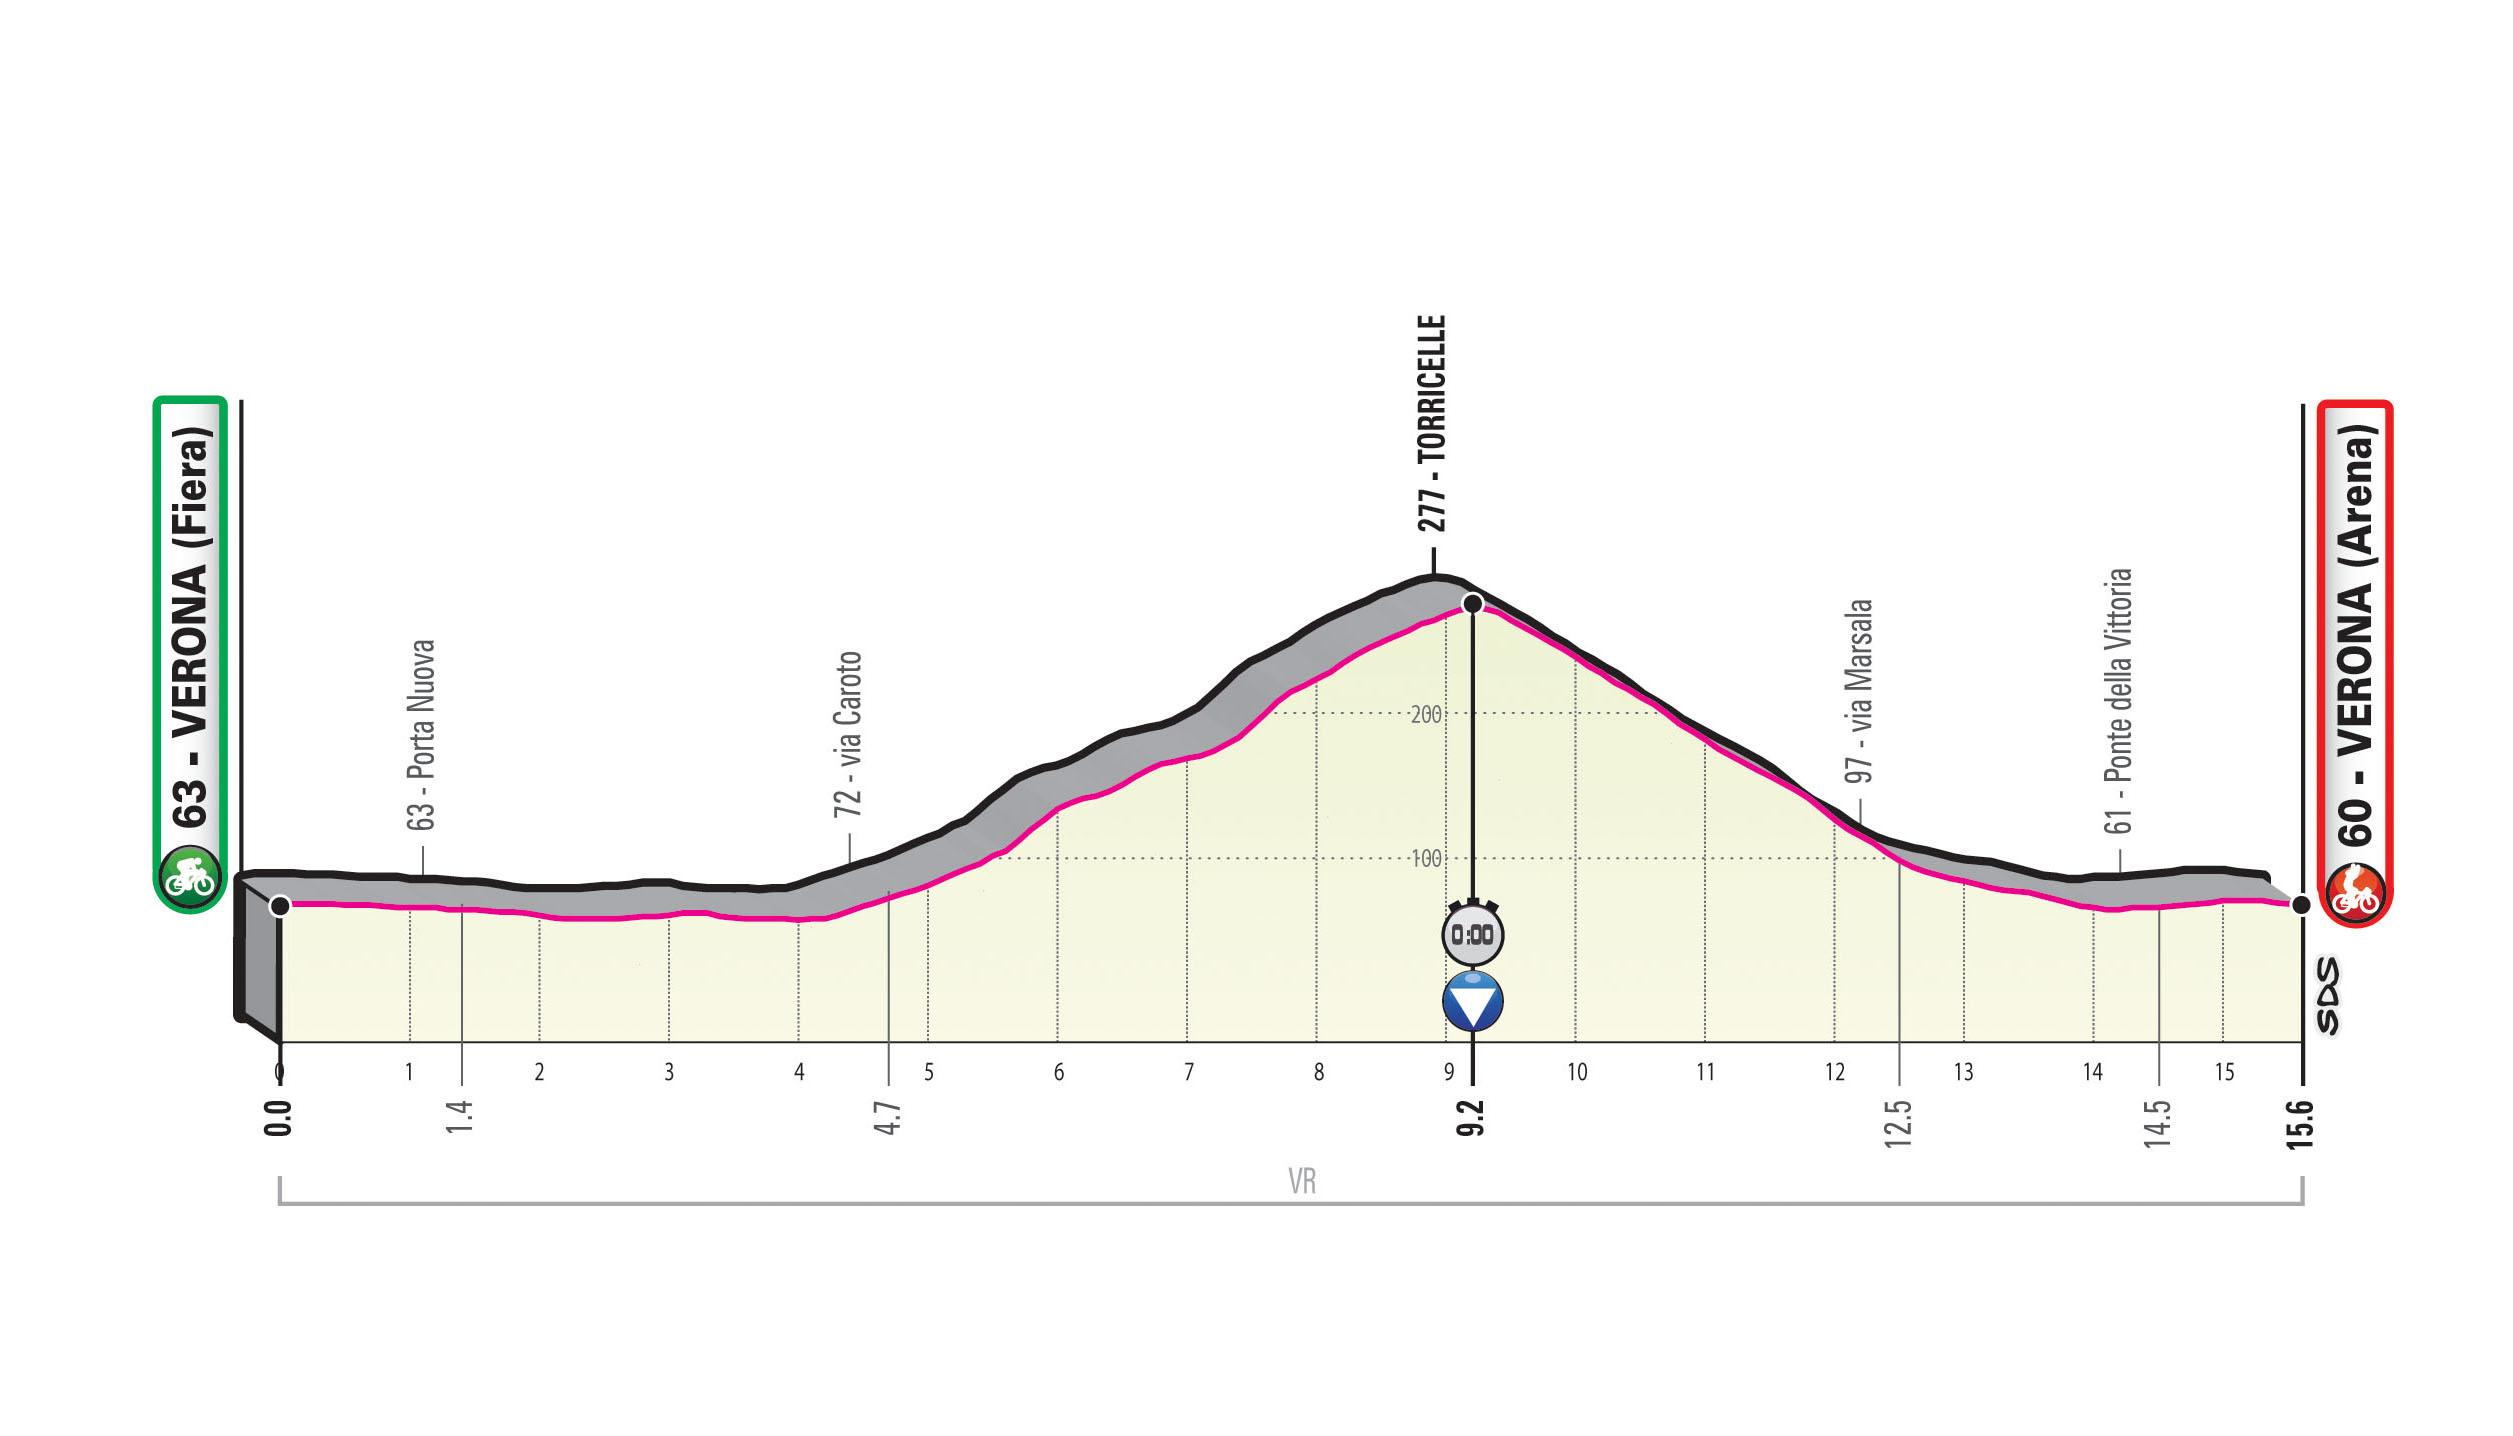 Spoznajmo Giro: Za napet zaključek še kronometer v Veroni